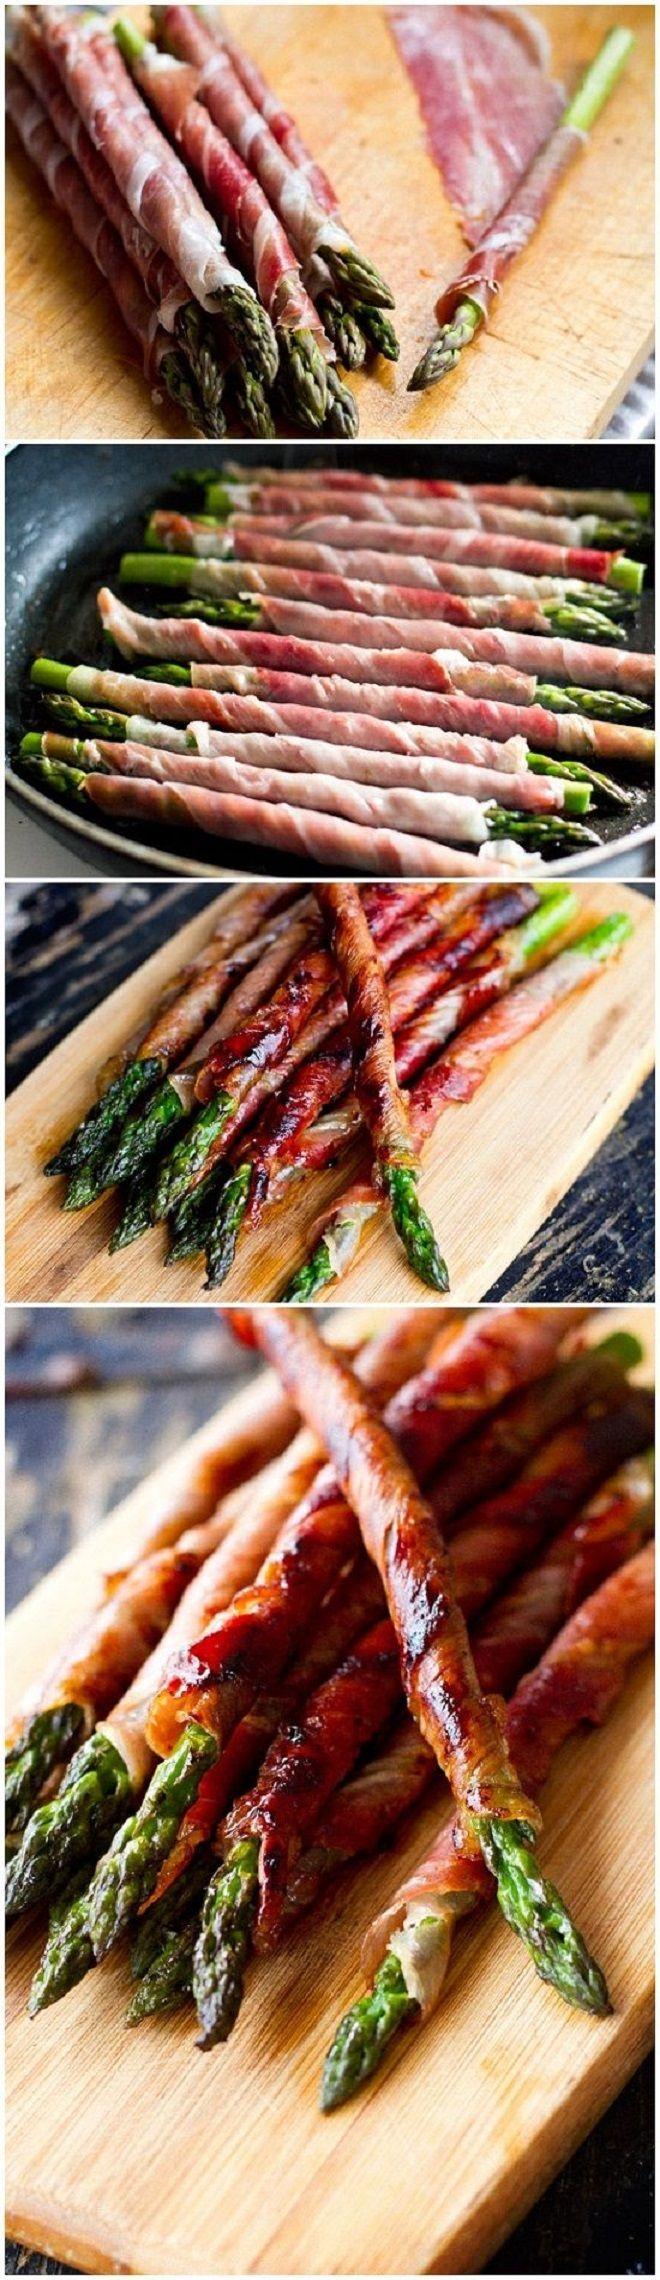 Prosciutto Wrapped Asparagus.. Crispier than bacon                                                                                                                                                                                 More